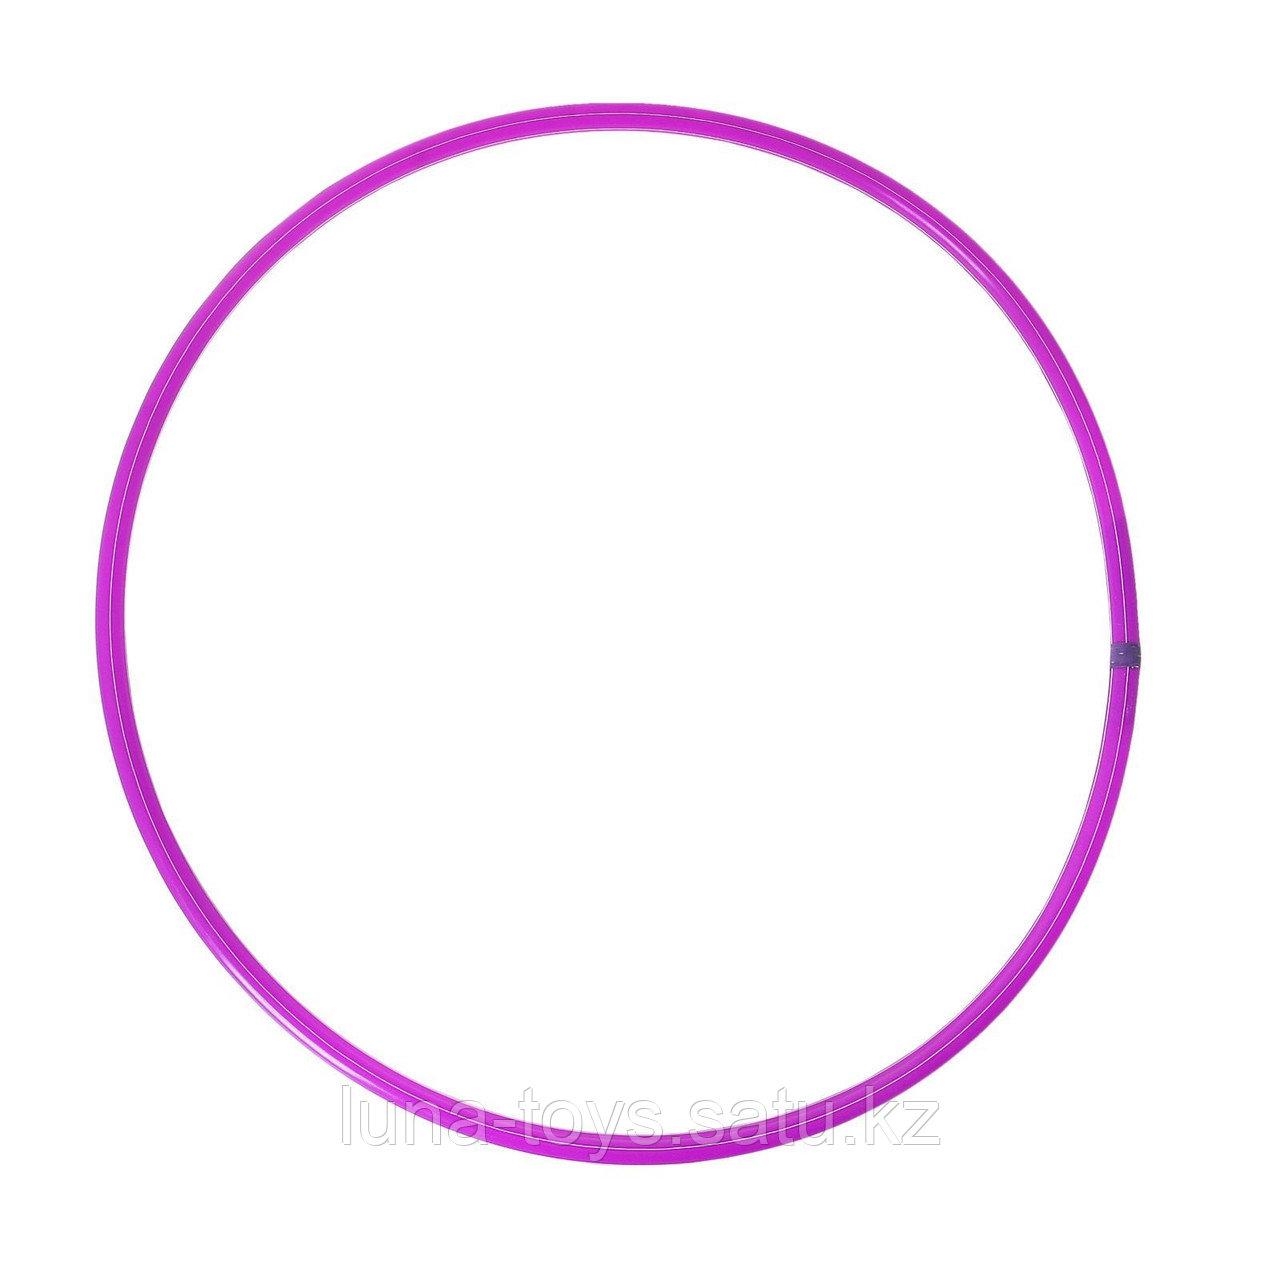 Обруч диаметр 60, цвет: фиолетовый